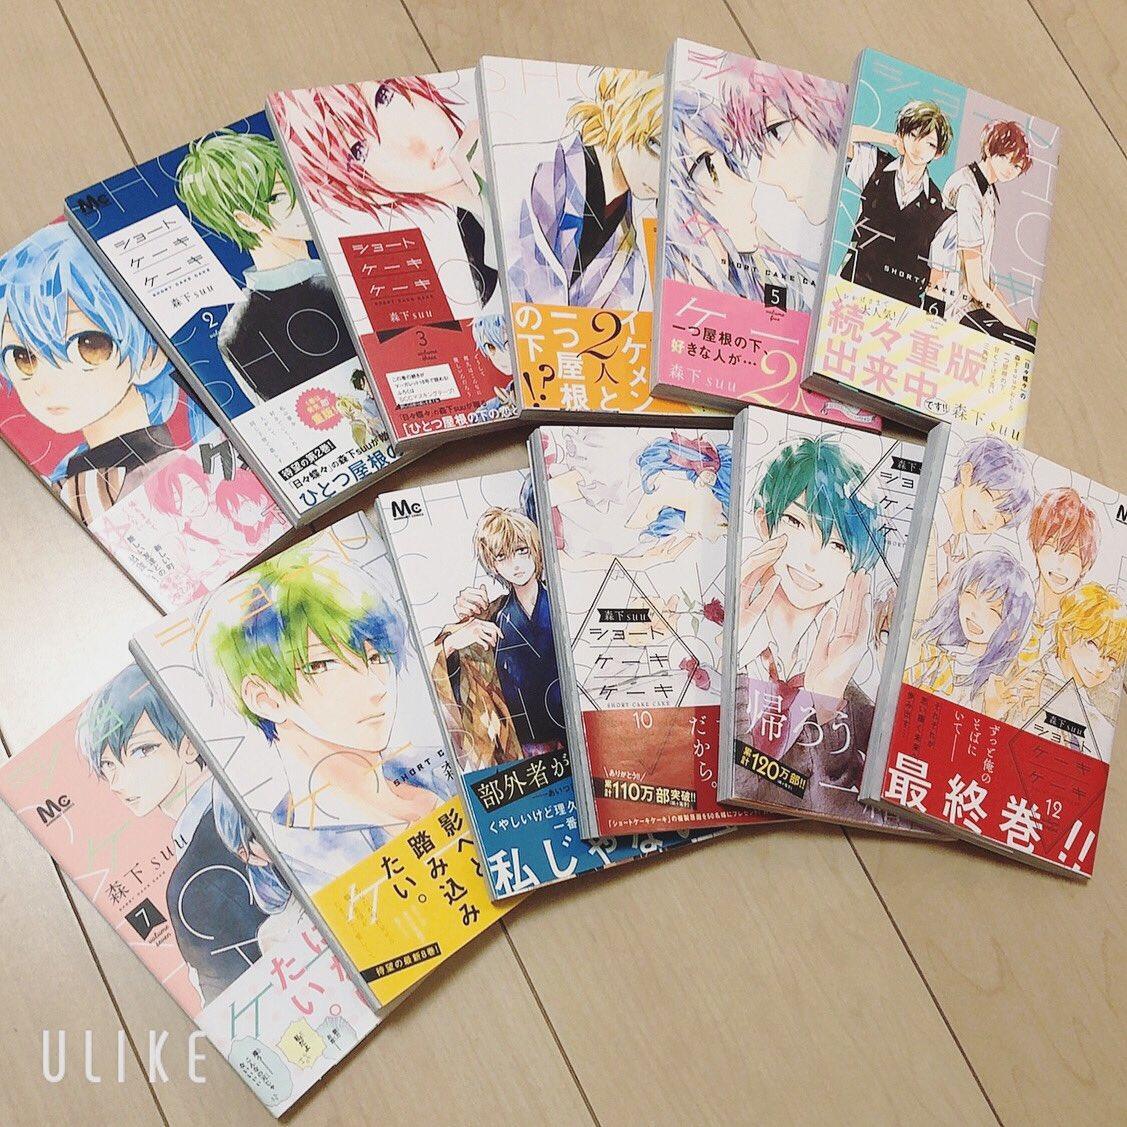 #ショートケーキケーキ 1-12巻🎂@morisita_suu 今読み終わって胸がいっぱい…。みんな大好き過ぎる😭✨序盤はなかなかくっつかない2人に焦れつつも、さらっと読めるほんわか恋愛漫画かと思ったけど、途中から良い意味ですごく重くなってそこから一気にのめり込んだ!鈴が素直になったシーン→